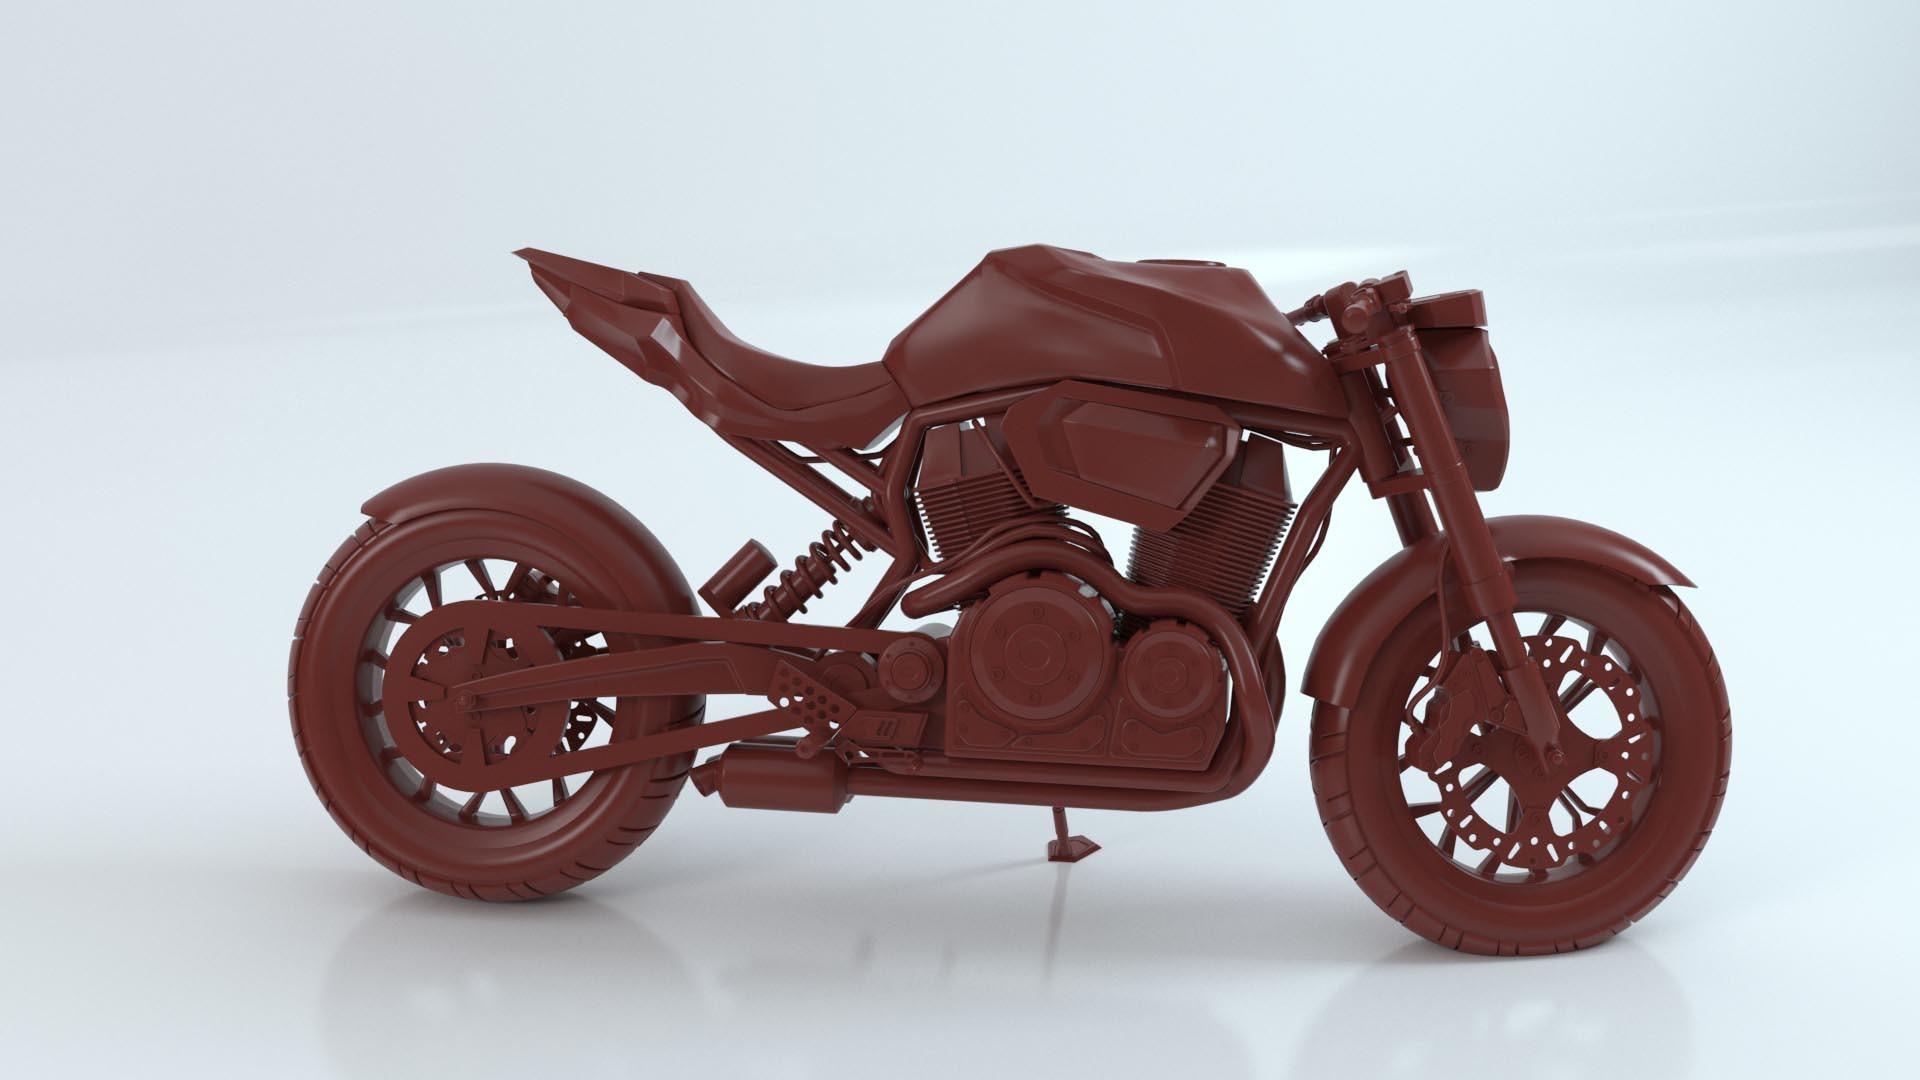 Manish anand bike 1